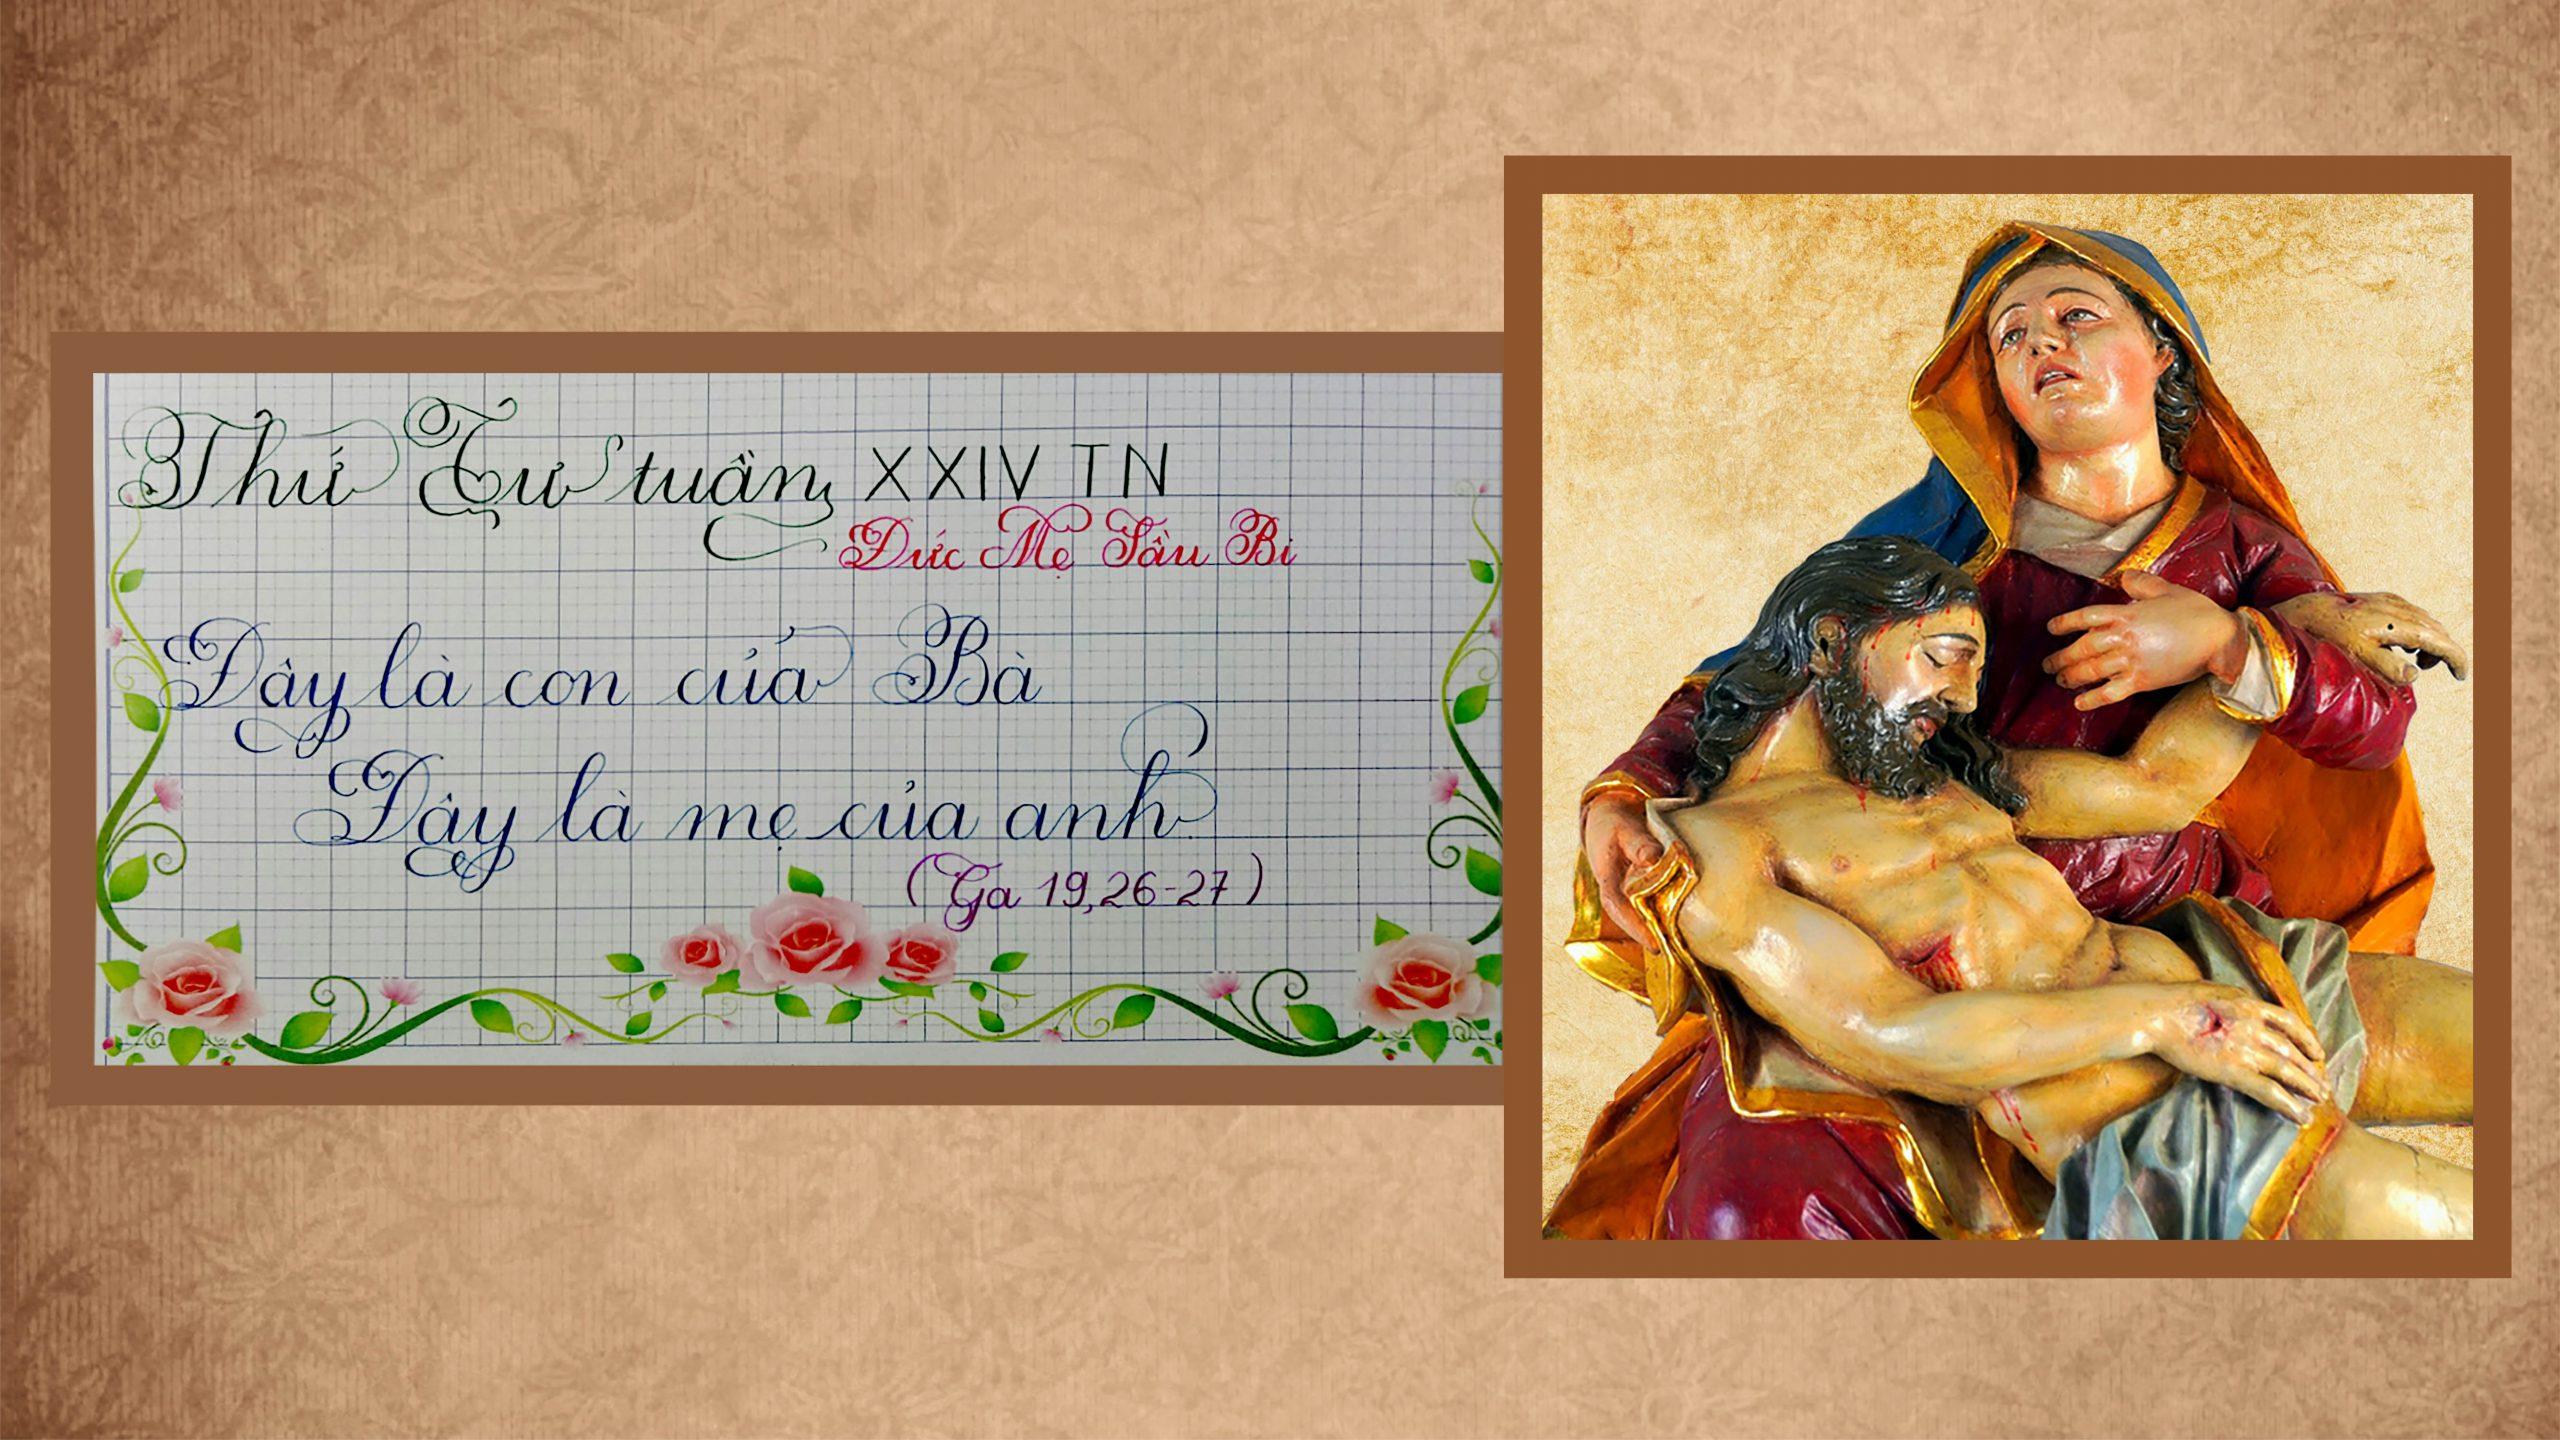 Suy Niệm Lời Chúa – Thứ Tư Tuần XXIV TN – Đức Mẹ Sầu Bi